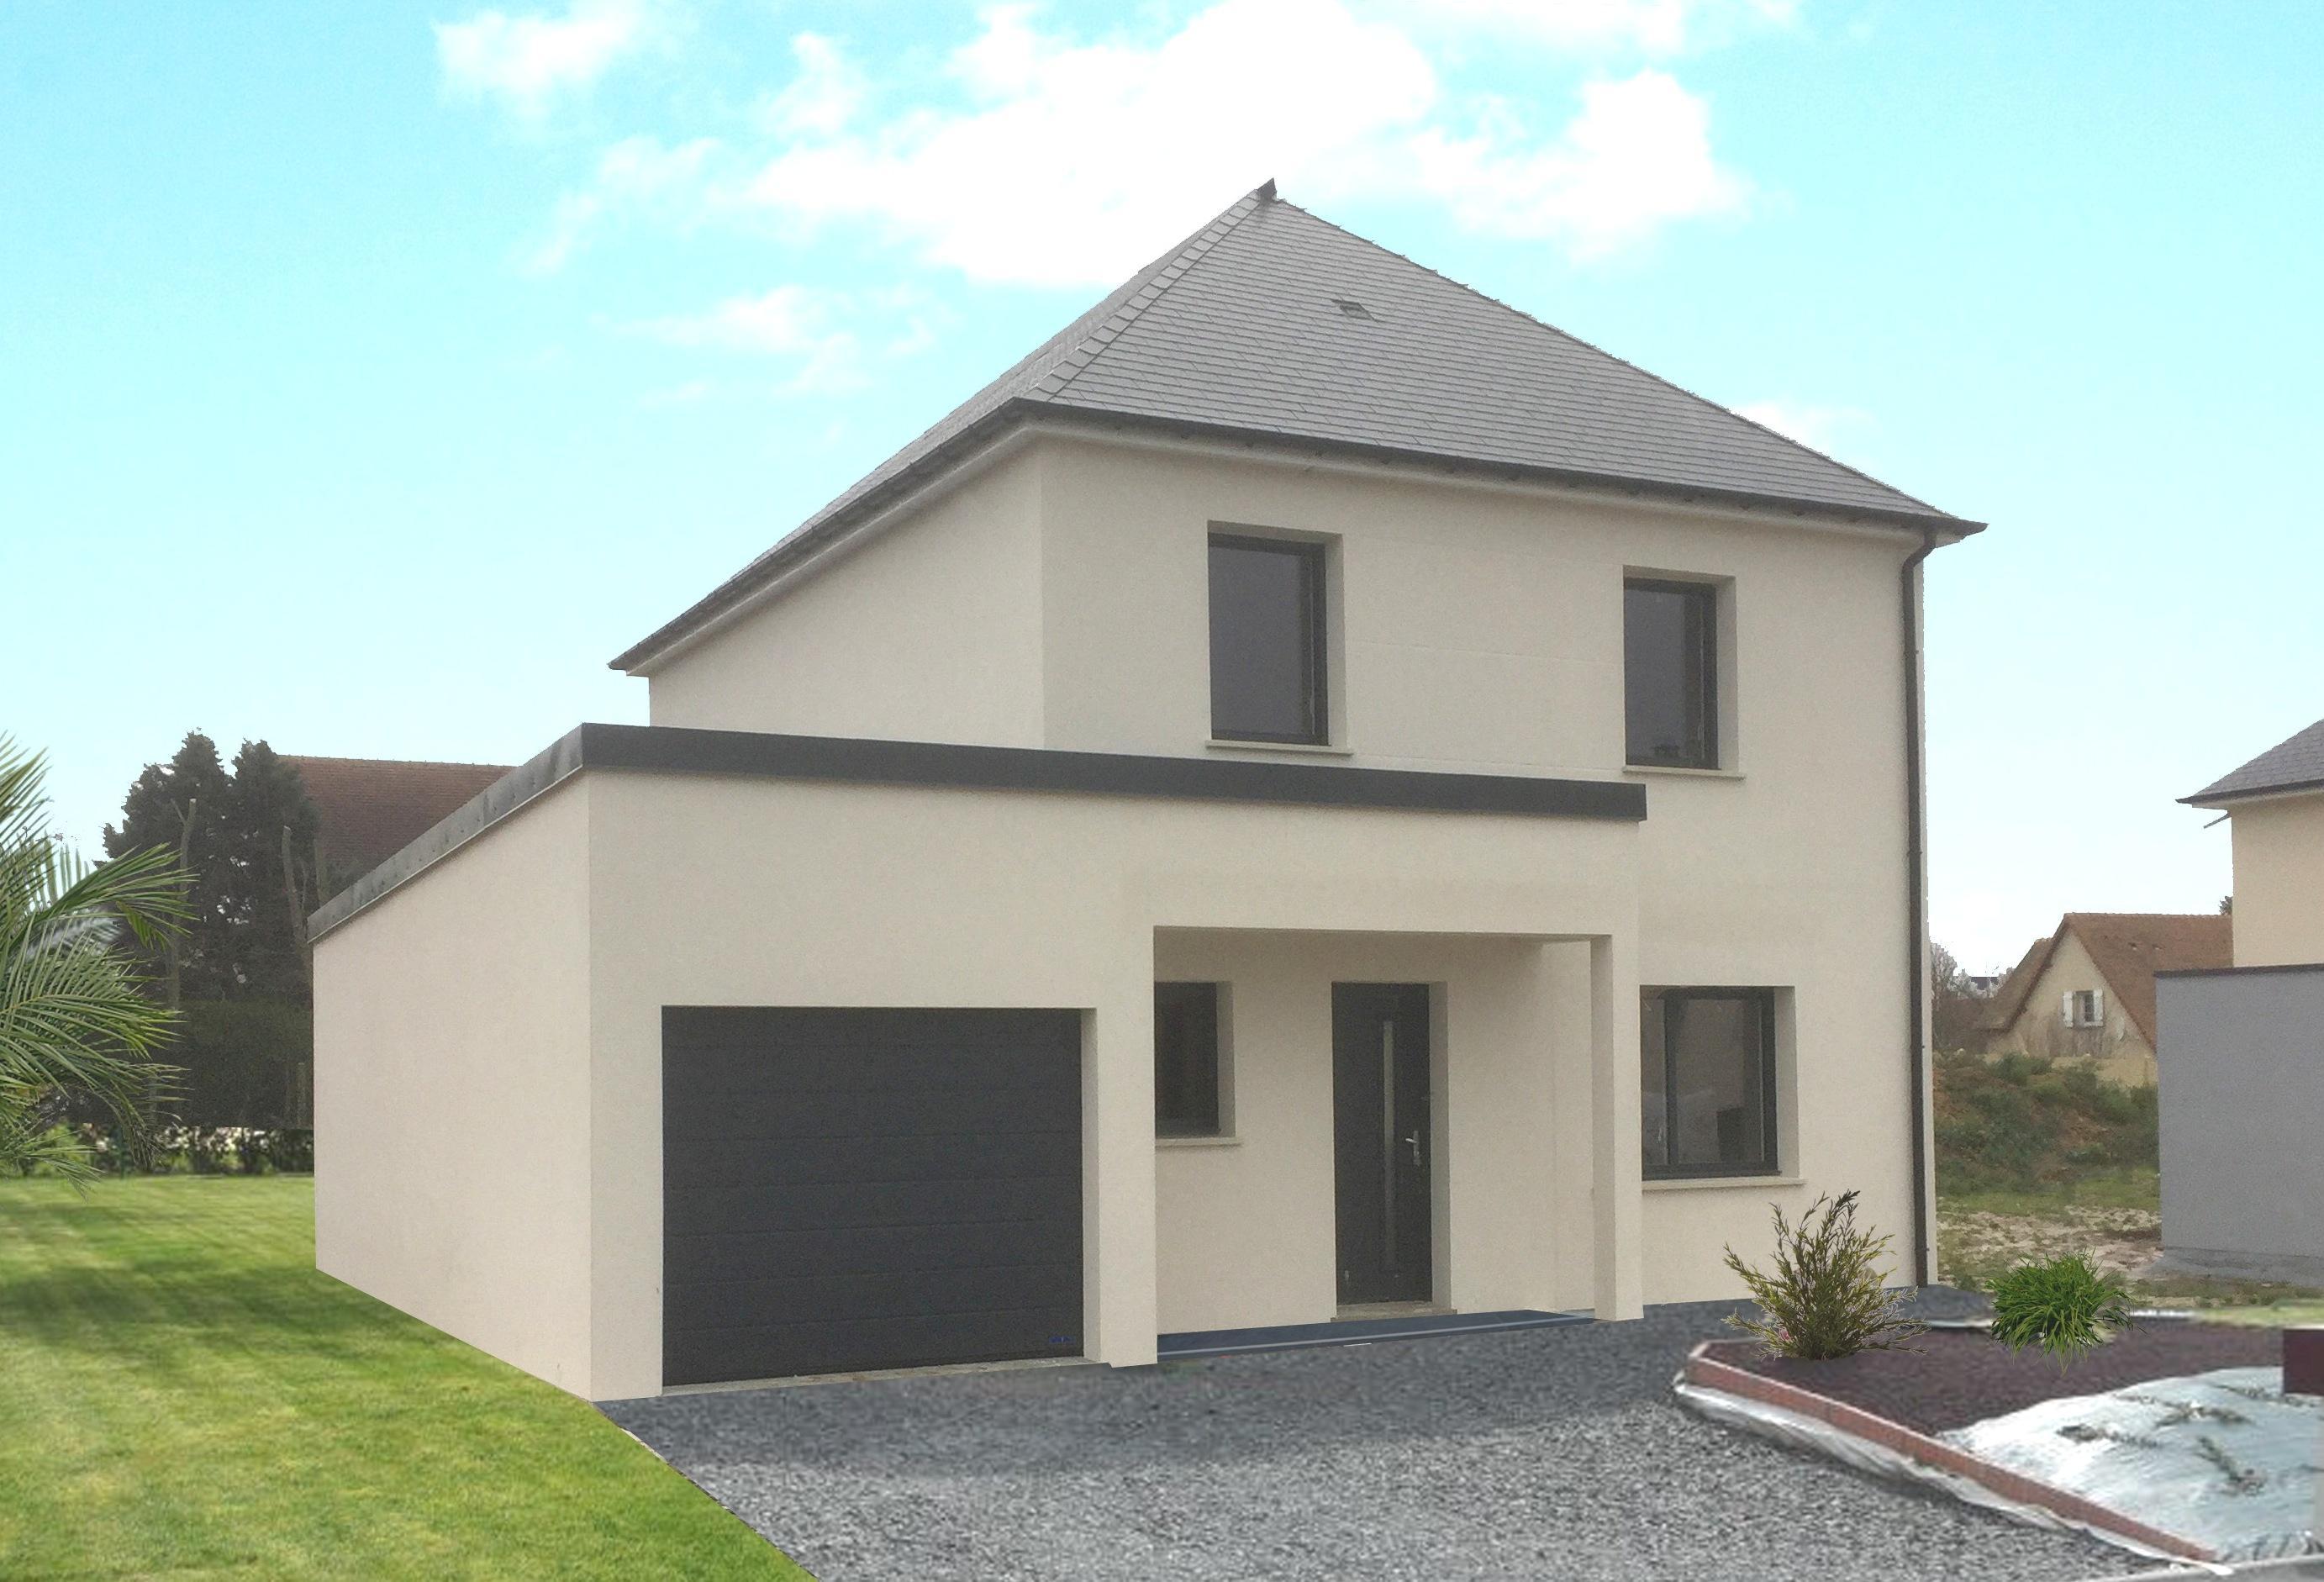 Maisons + Terrains du constructeur MAISON FAMILIALE MAREUIL LES MEAUX • 103 m² • TRILPORT